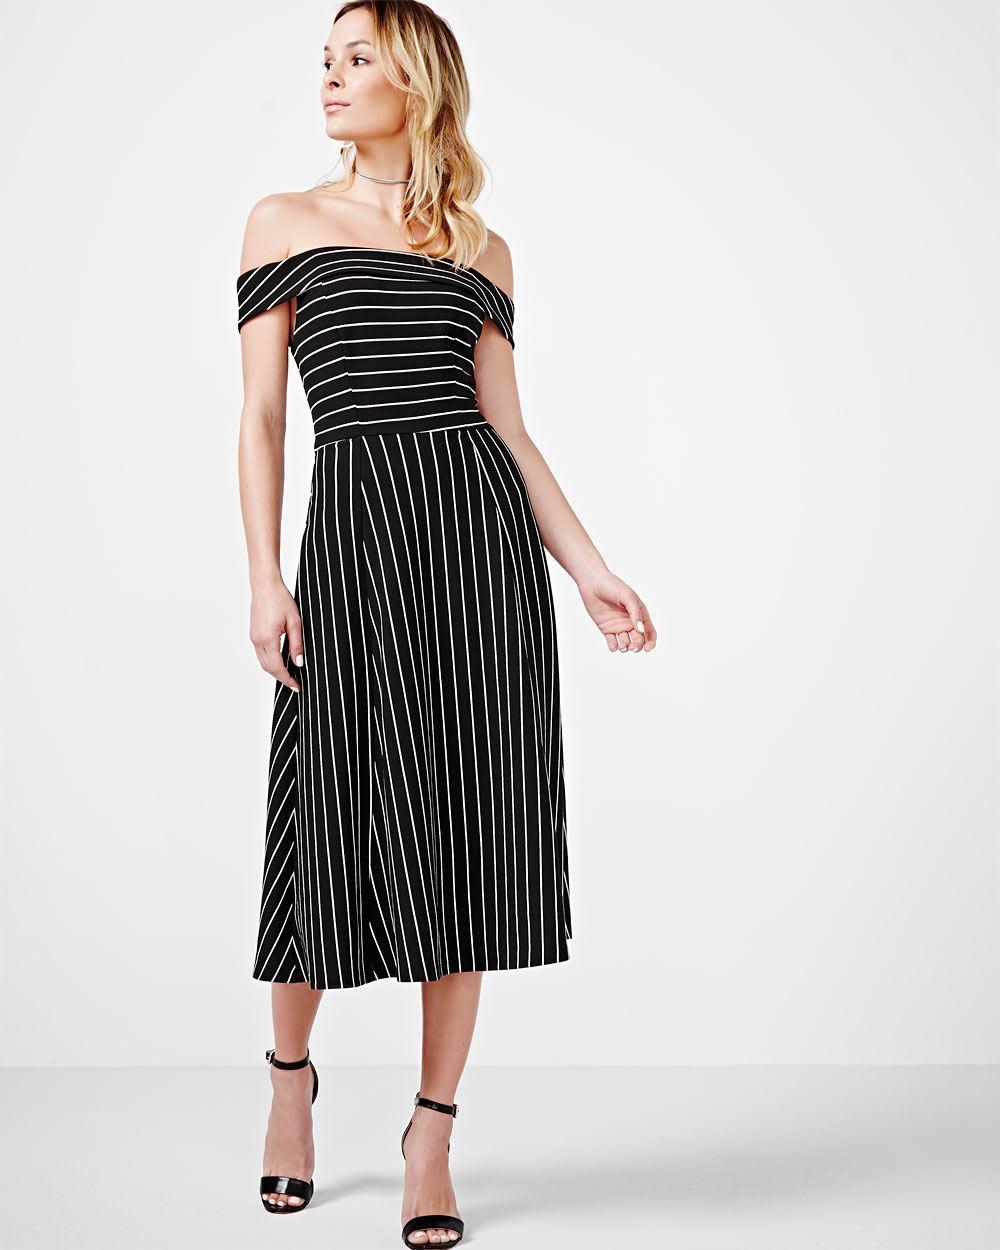 ABS by Allen Schwartz Striped Off-the-shoulder Midi Dress | RW&CO.